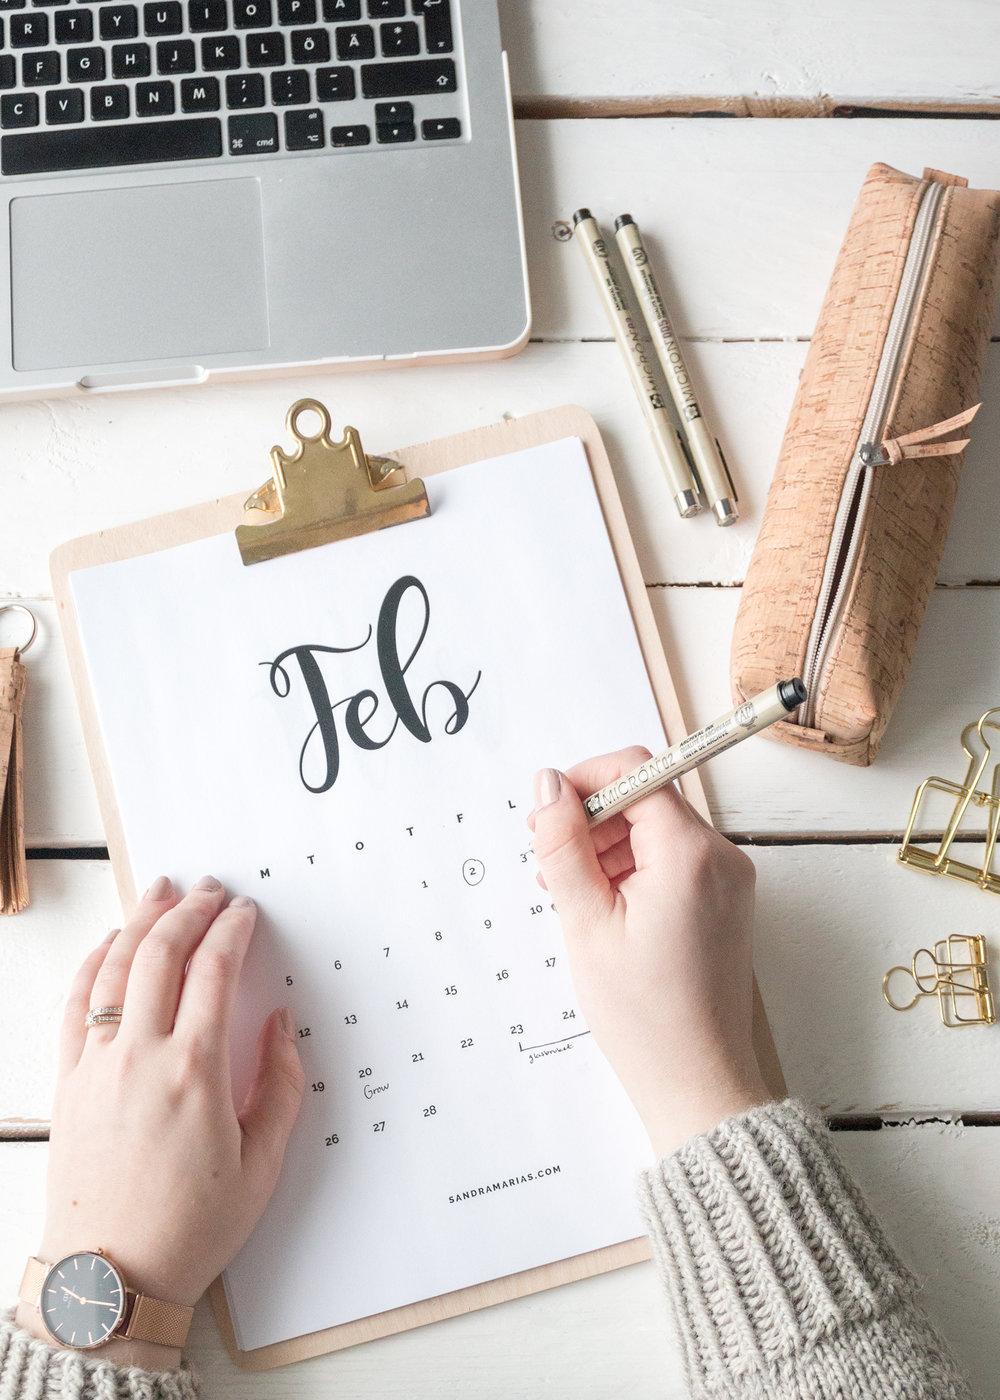 Hello February | The Corky Pencilcase | Free Calendar 2018 by Sandramaria | Sandramarias.com